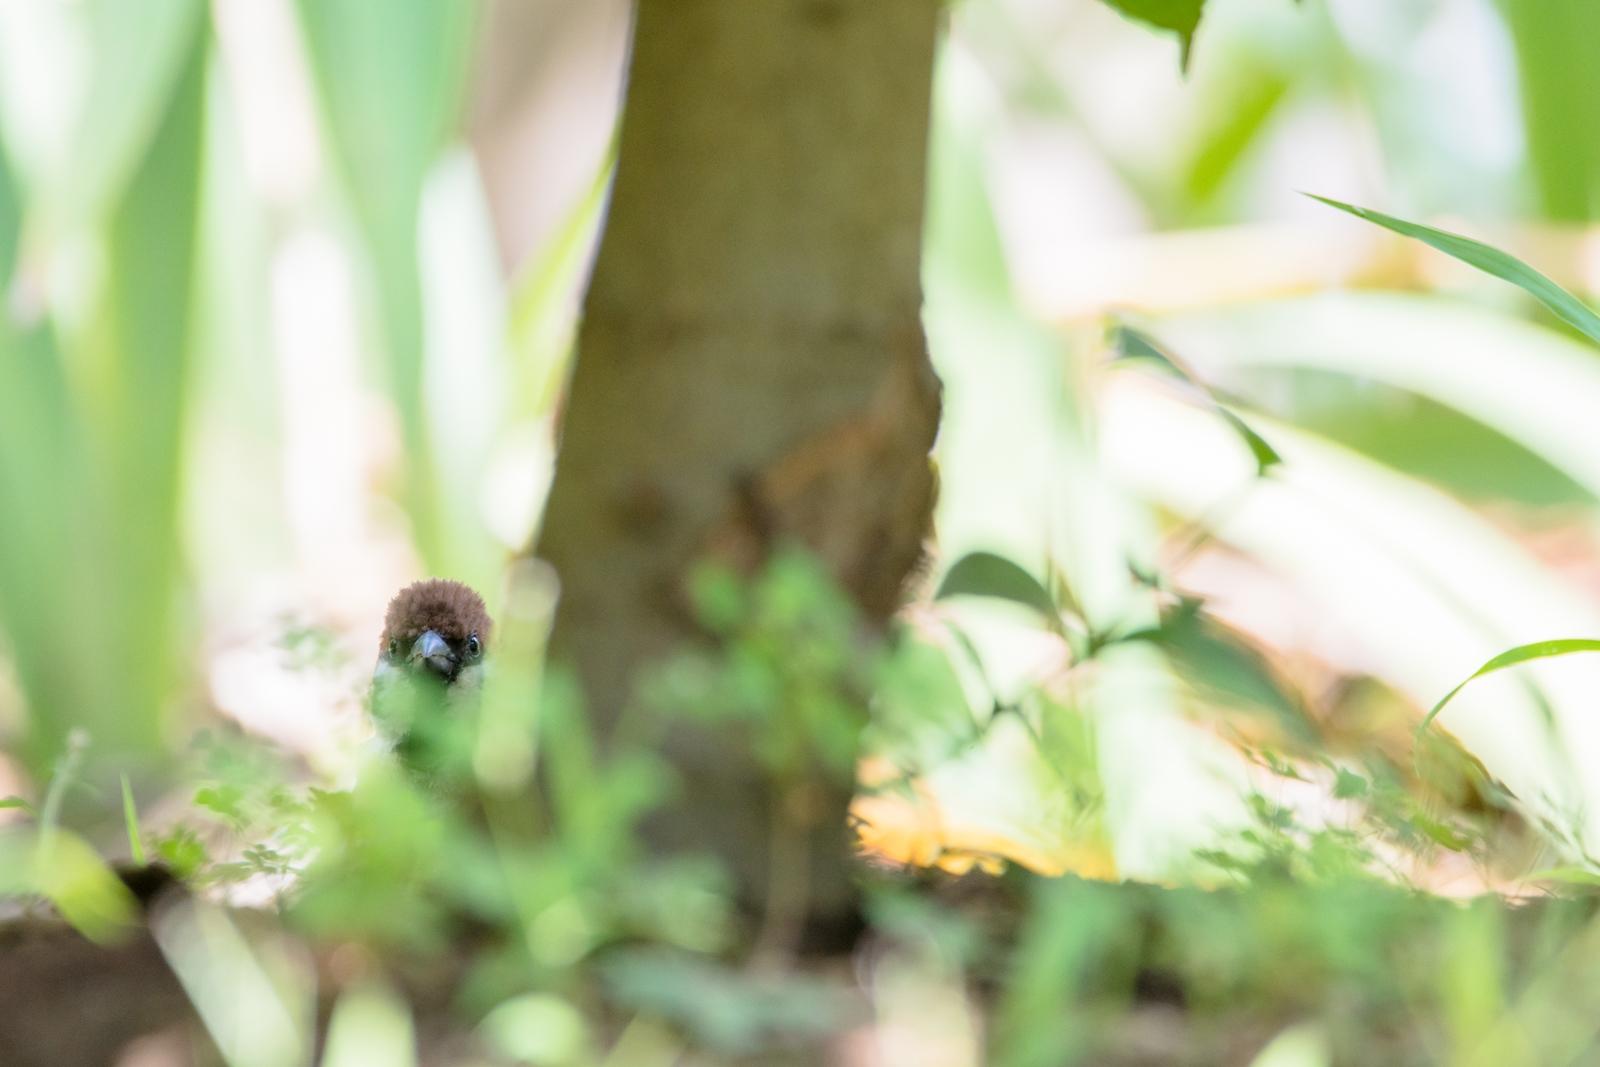 Photo: 「気づいてないよ」 / Hiding.  大丈夫 ちゃんと隠れられてるよ 気づいてない振り 気づいてない振り  Sparrow. (スズメ)  Nikon D500 SIGMA 150-600mm F5-6.3 DG OS HSM Contemporary  #birdphotography #birds #kawaii #ことり #小鳥 #nikon #sigma  ( http://takafumiooshio.com/archives/2739 )